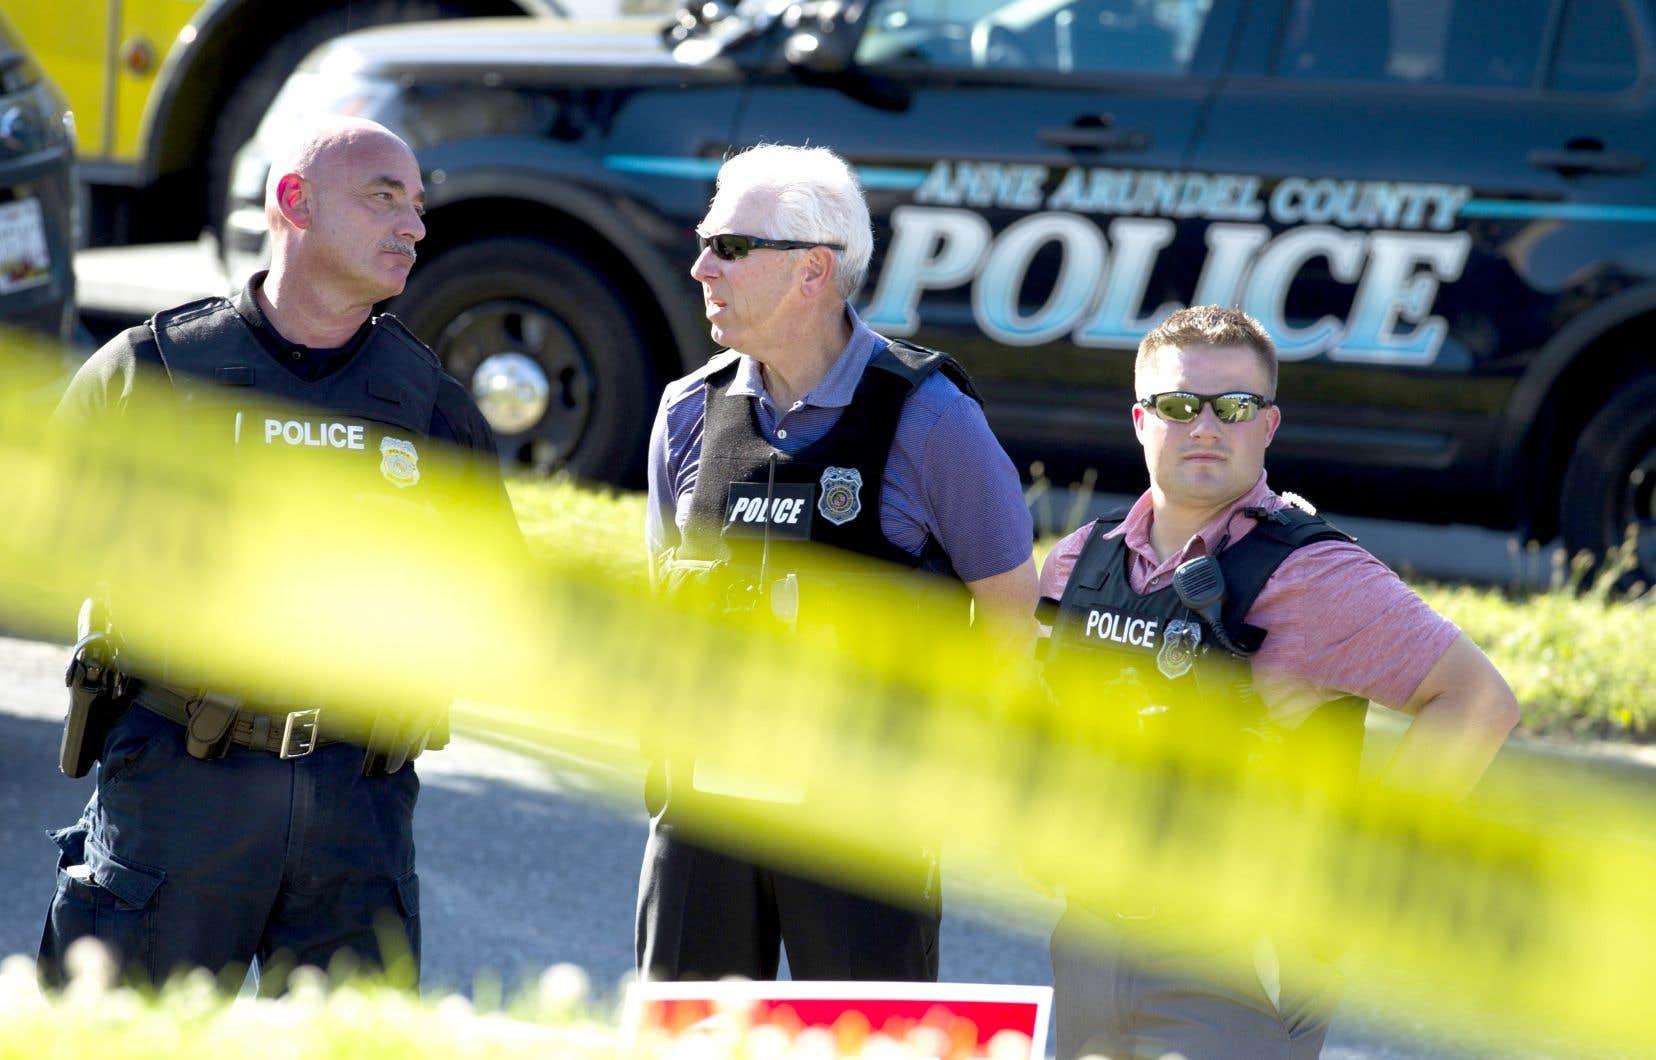 Le quartier entourant les lieux de l'«attaque ciblée» a été bouclé par les policiers.